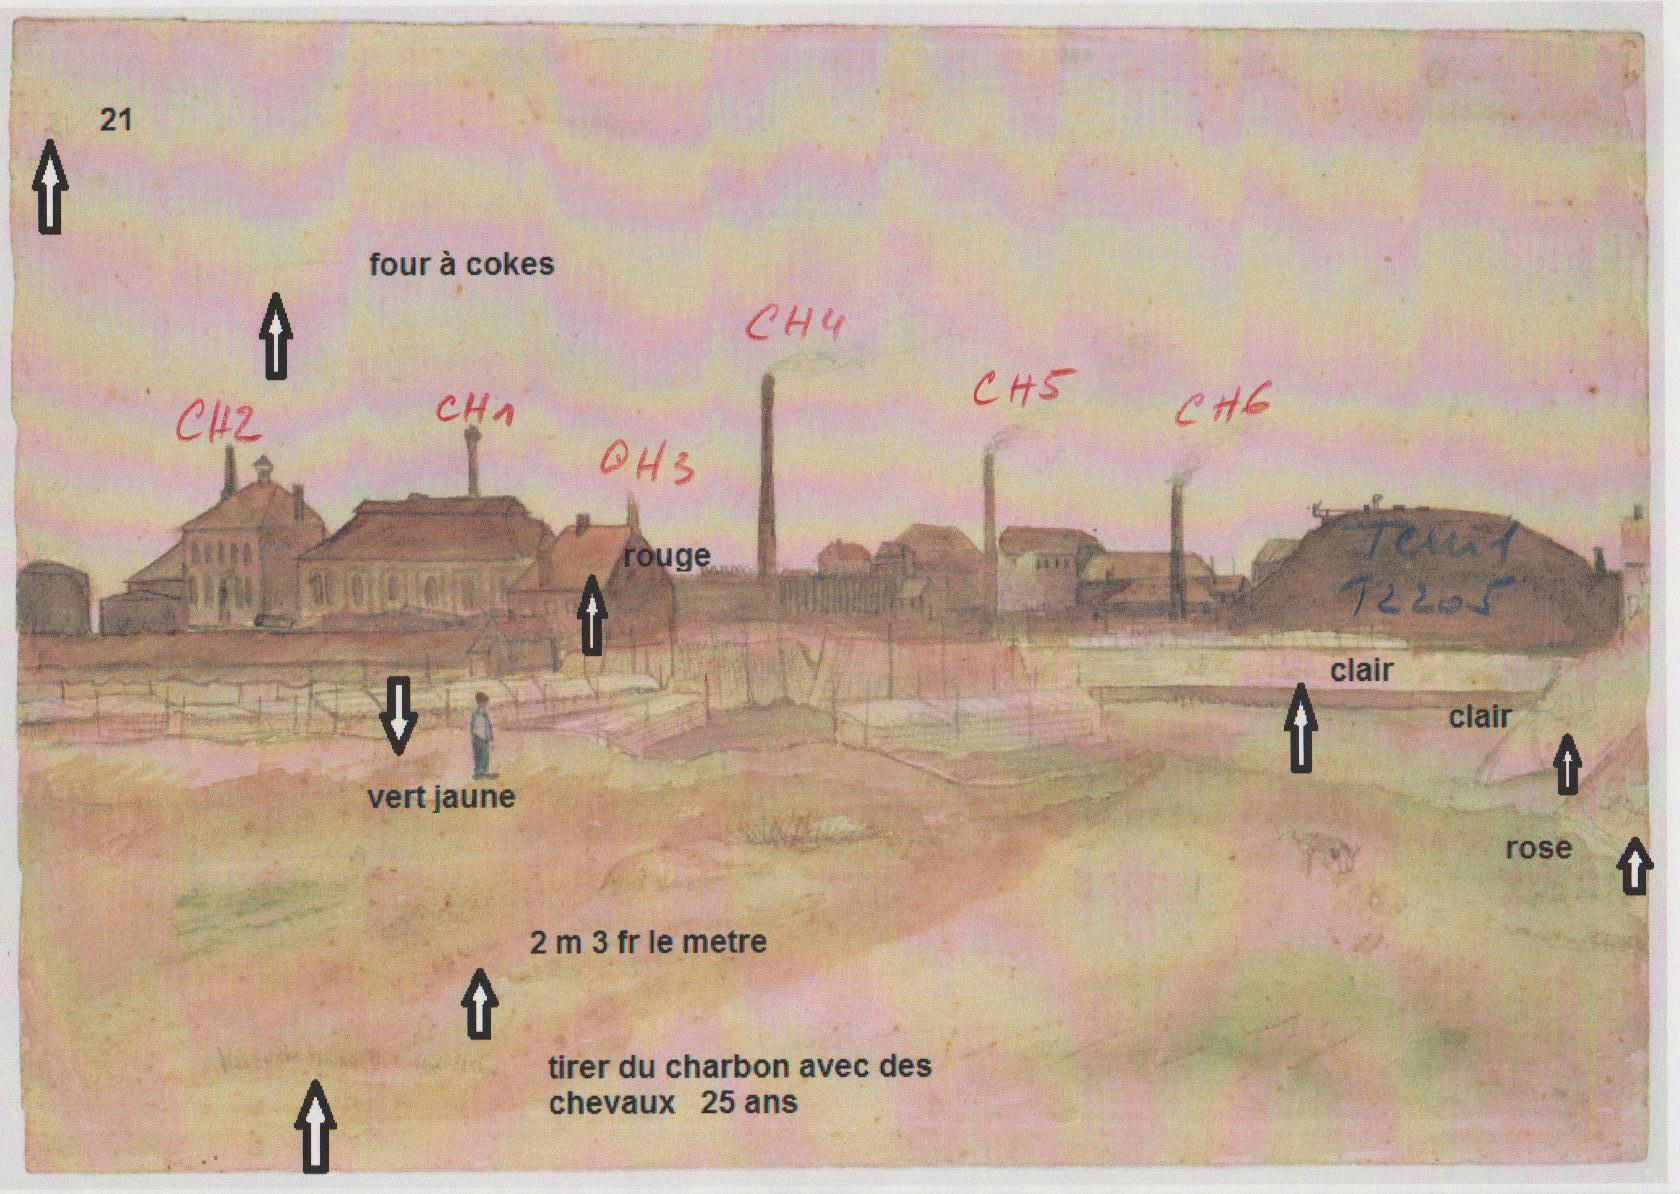 Aquarelle Van Gogh Flénu 2 - original avec notes